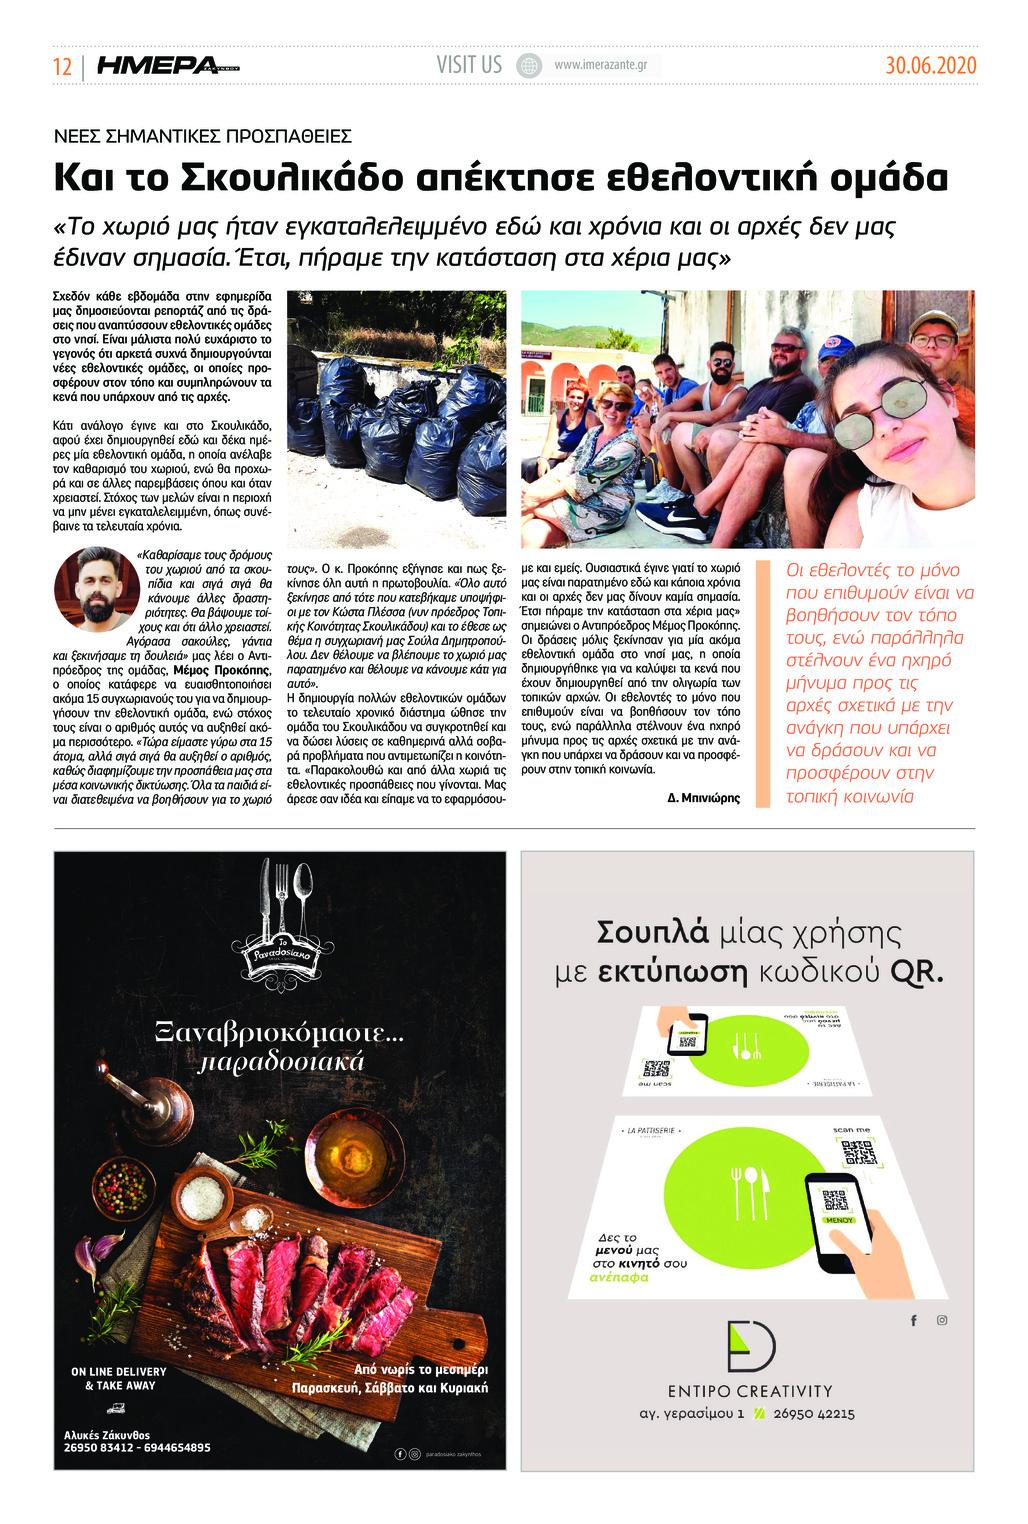 Οπισθόφυλλο εφημερίδας Ημέρα Ζακύνθου